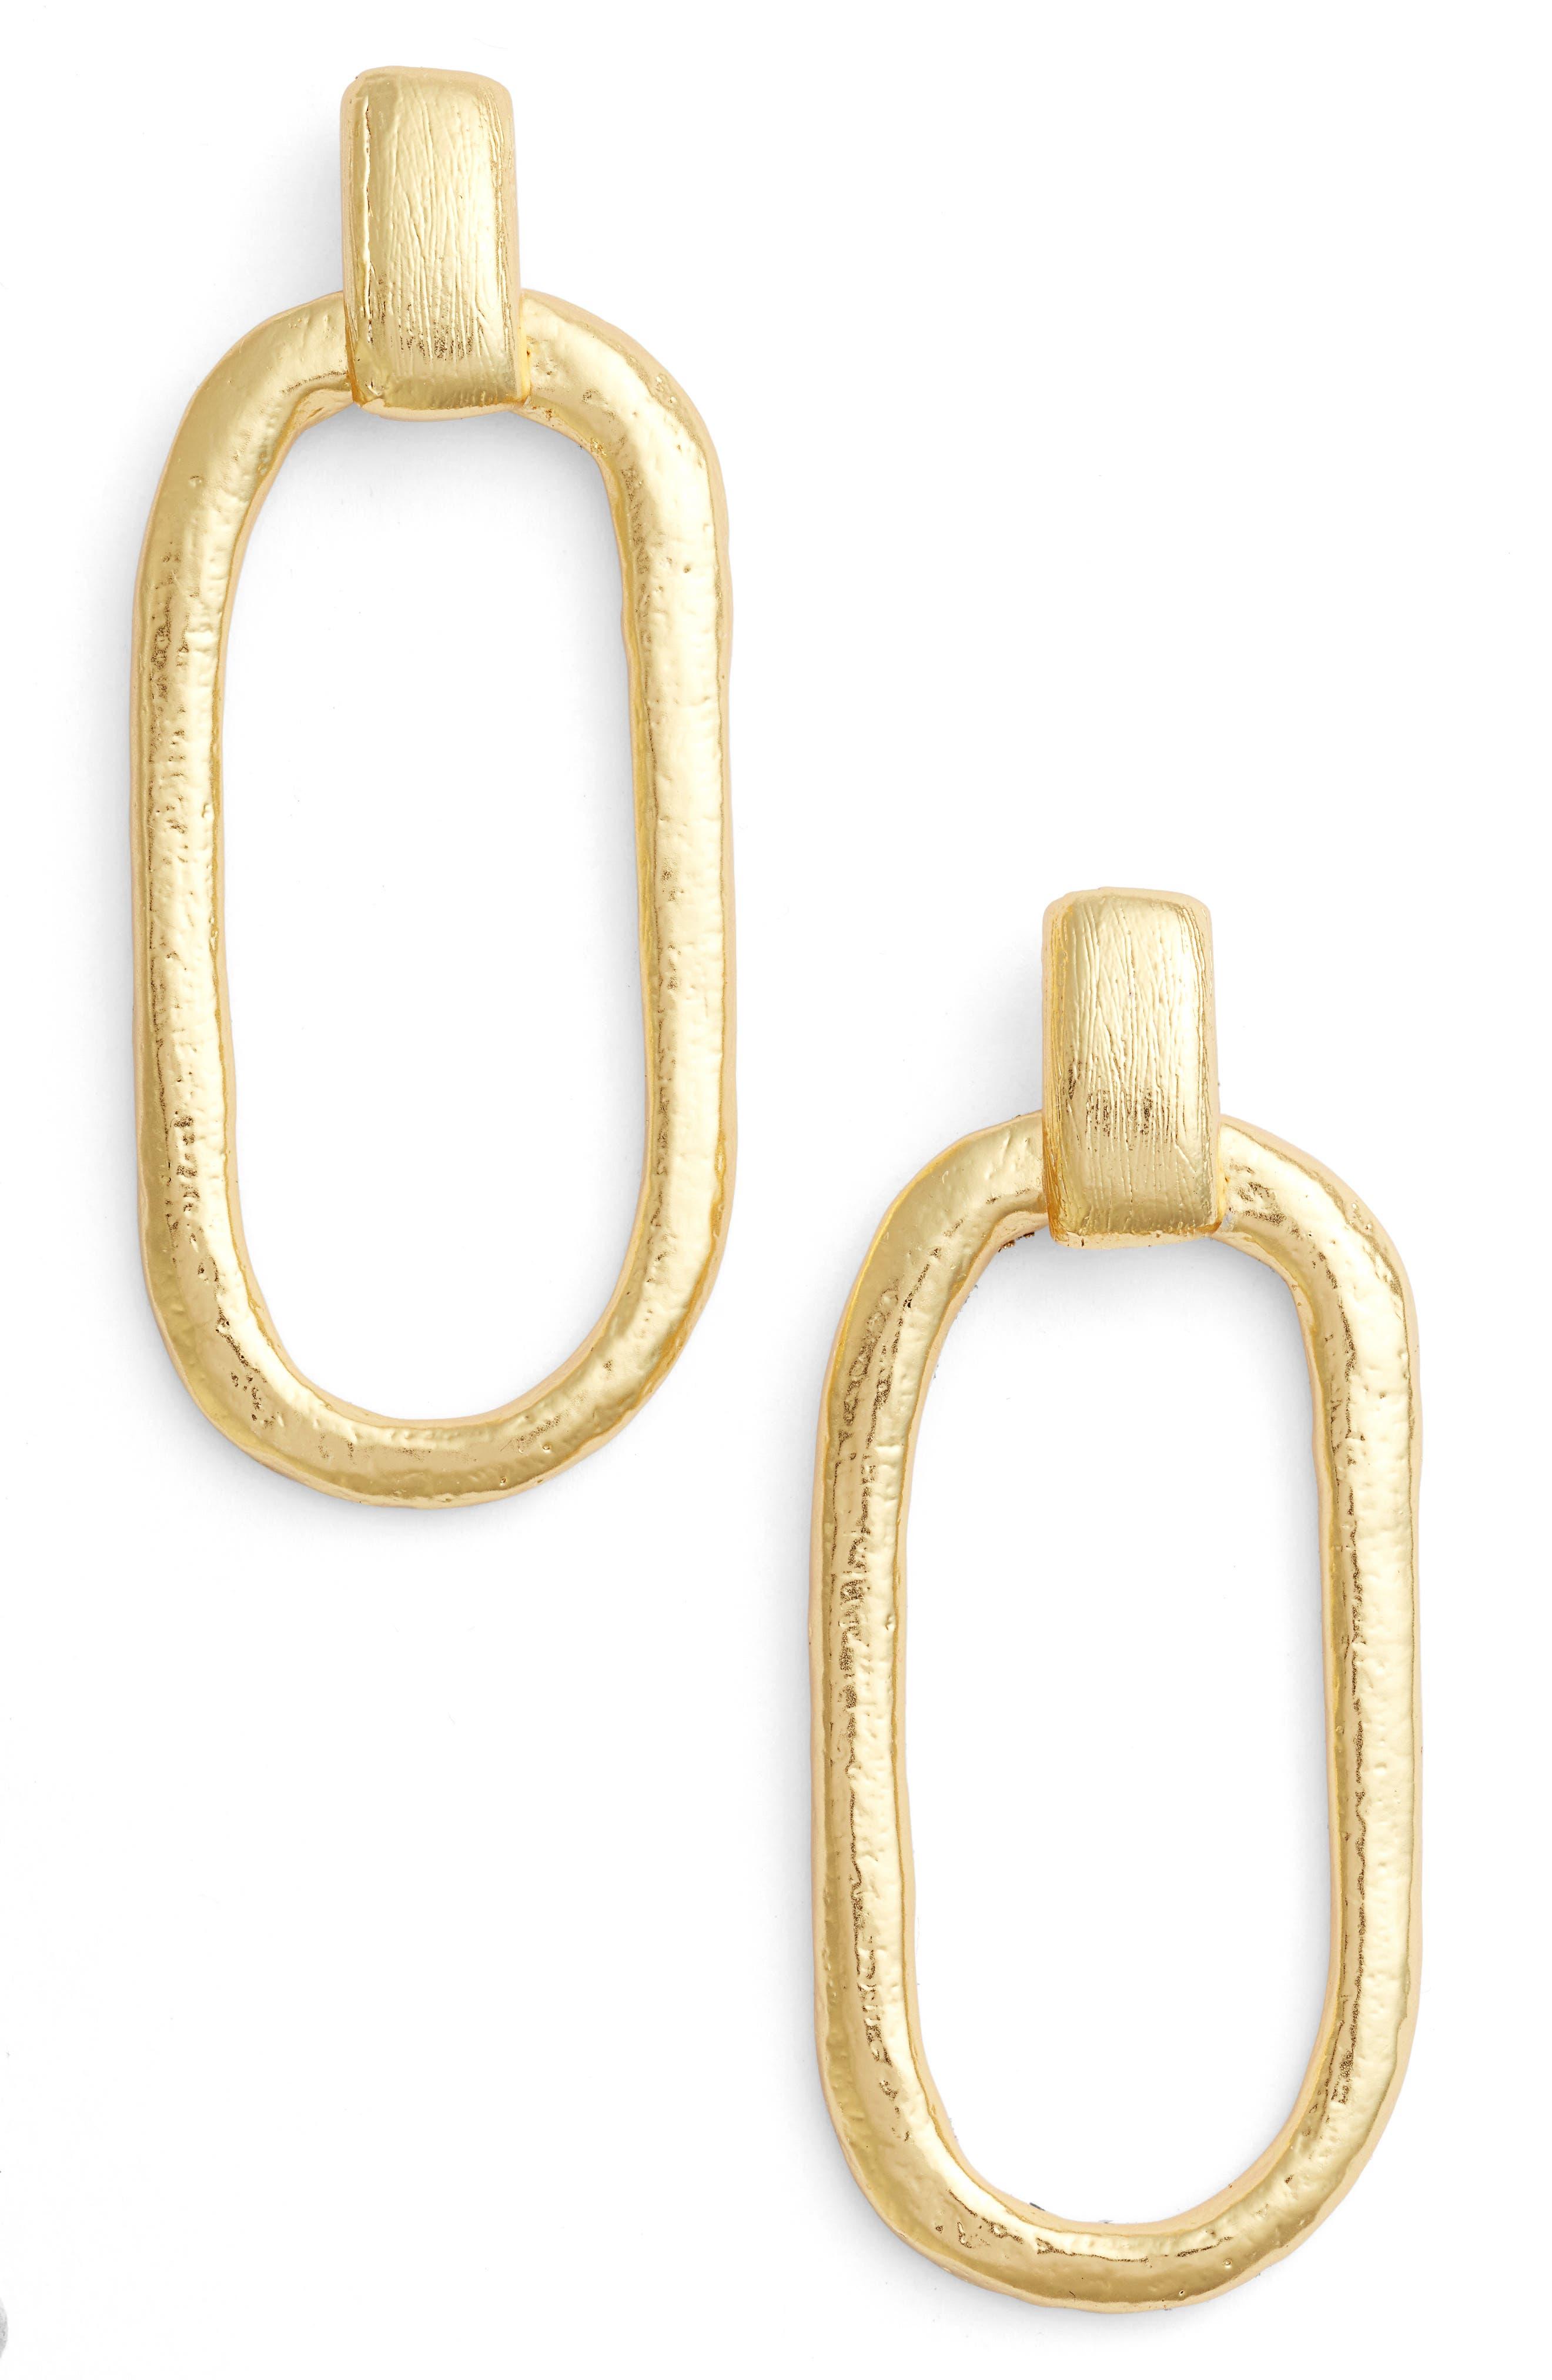 Doorknocker Earrings,                         Main,                         color, Gold